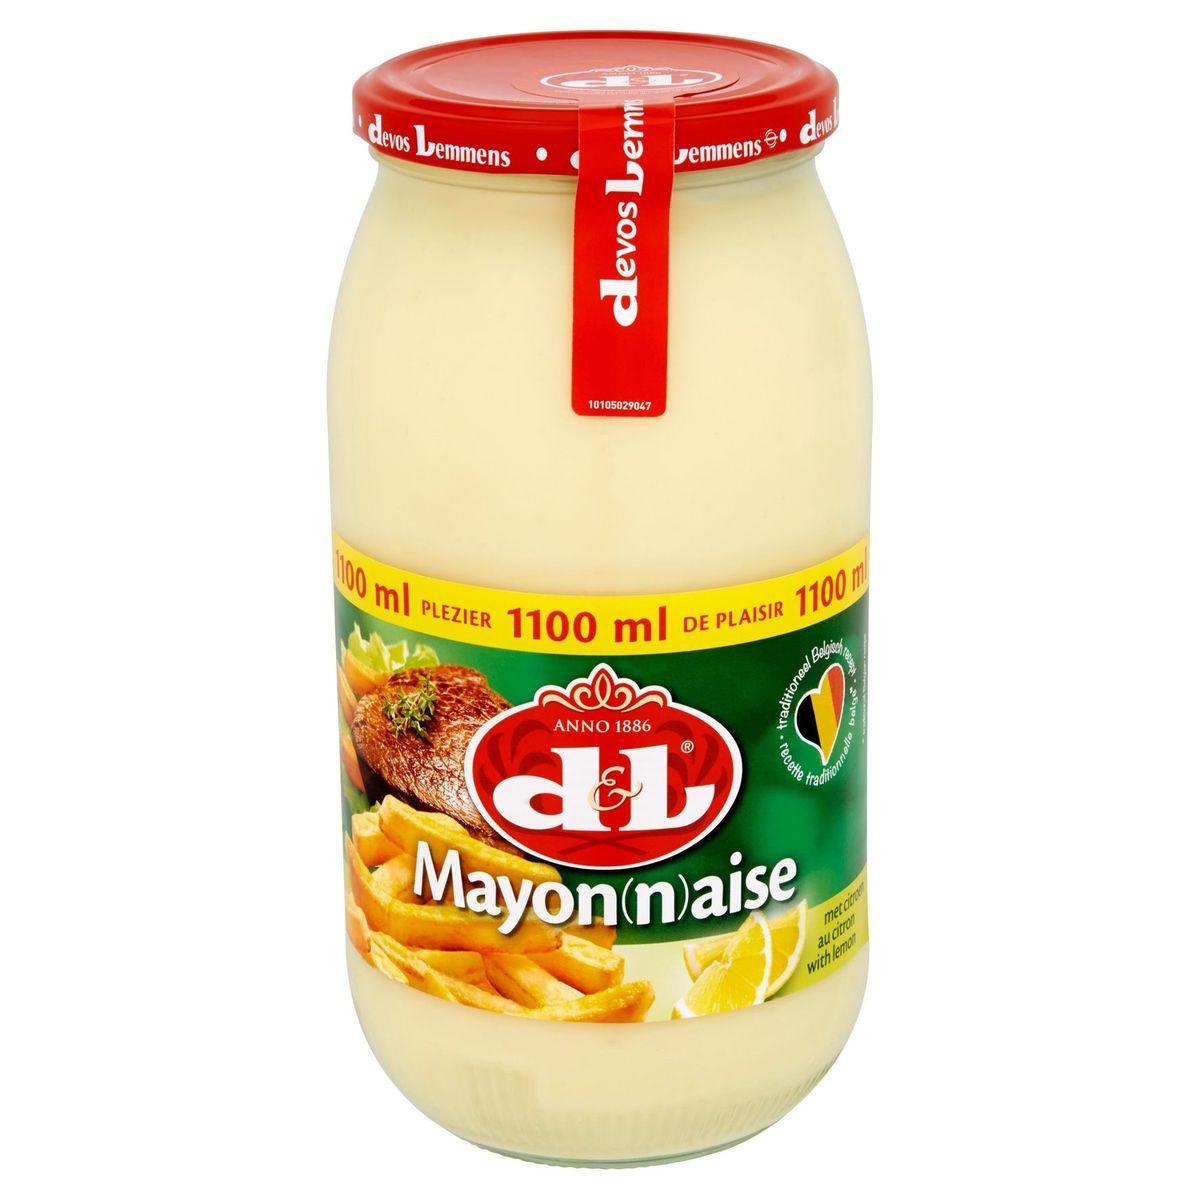 Devos Lemmens Mayonnaise au Citron 1100 ml